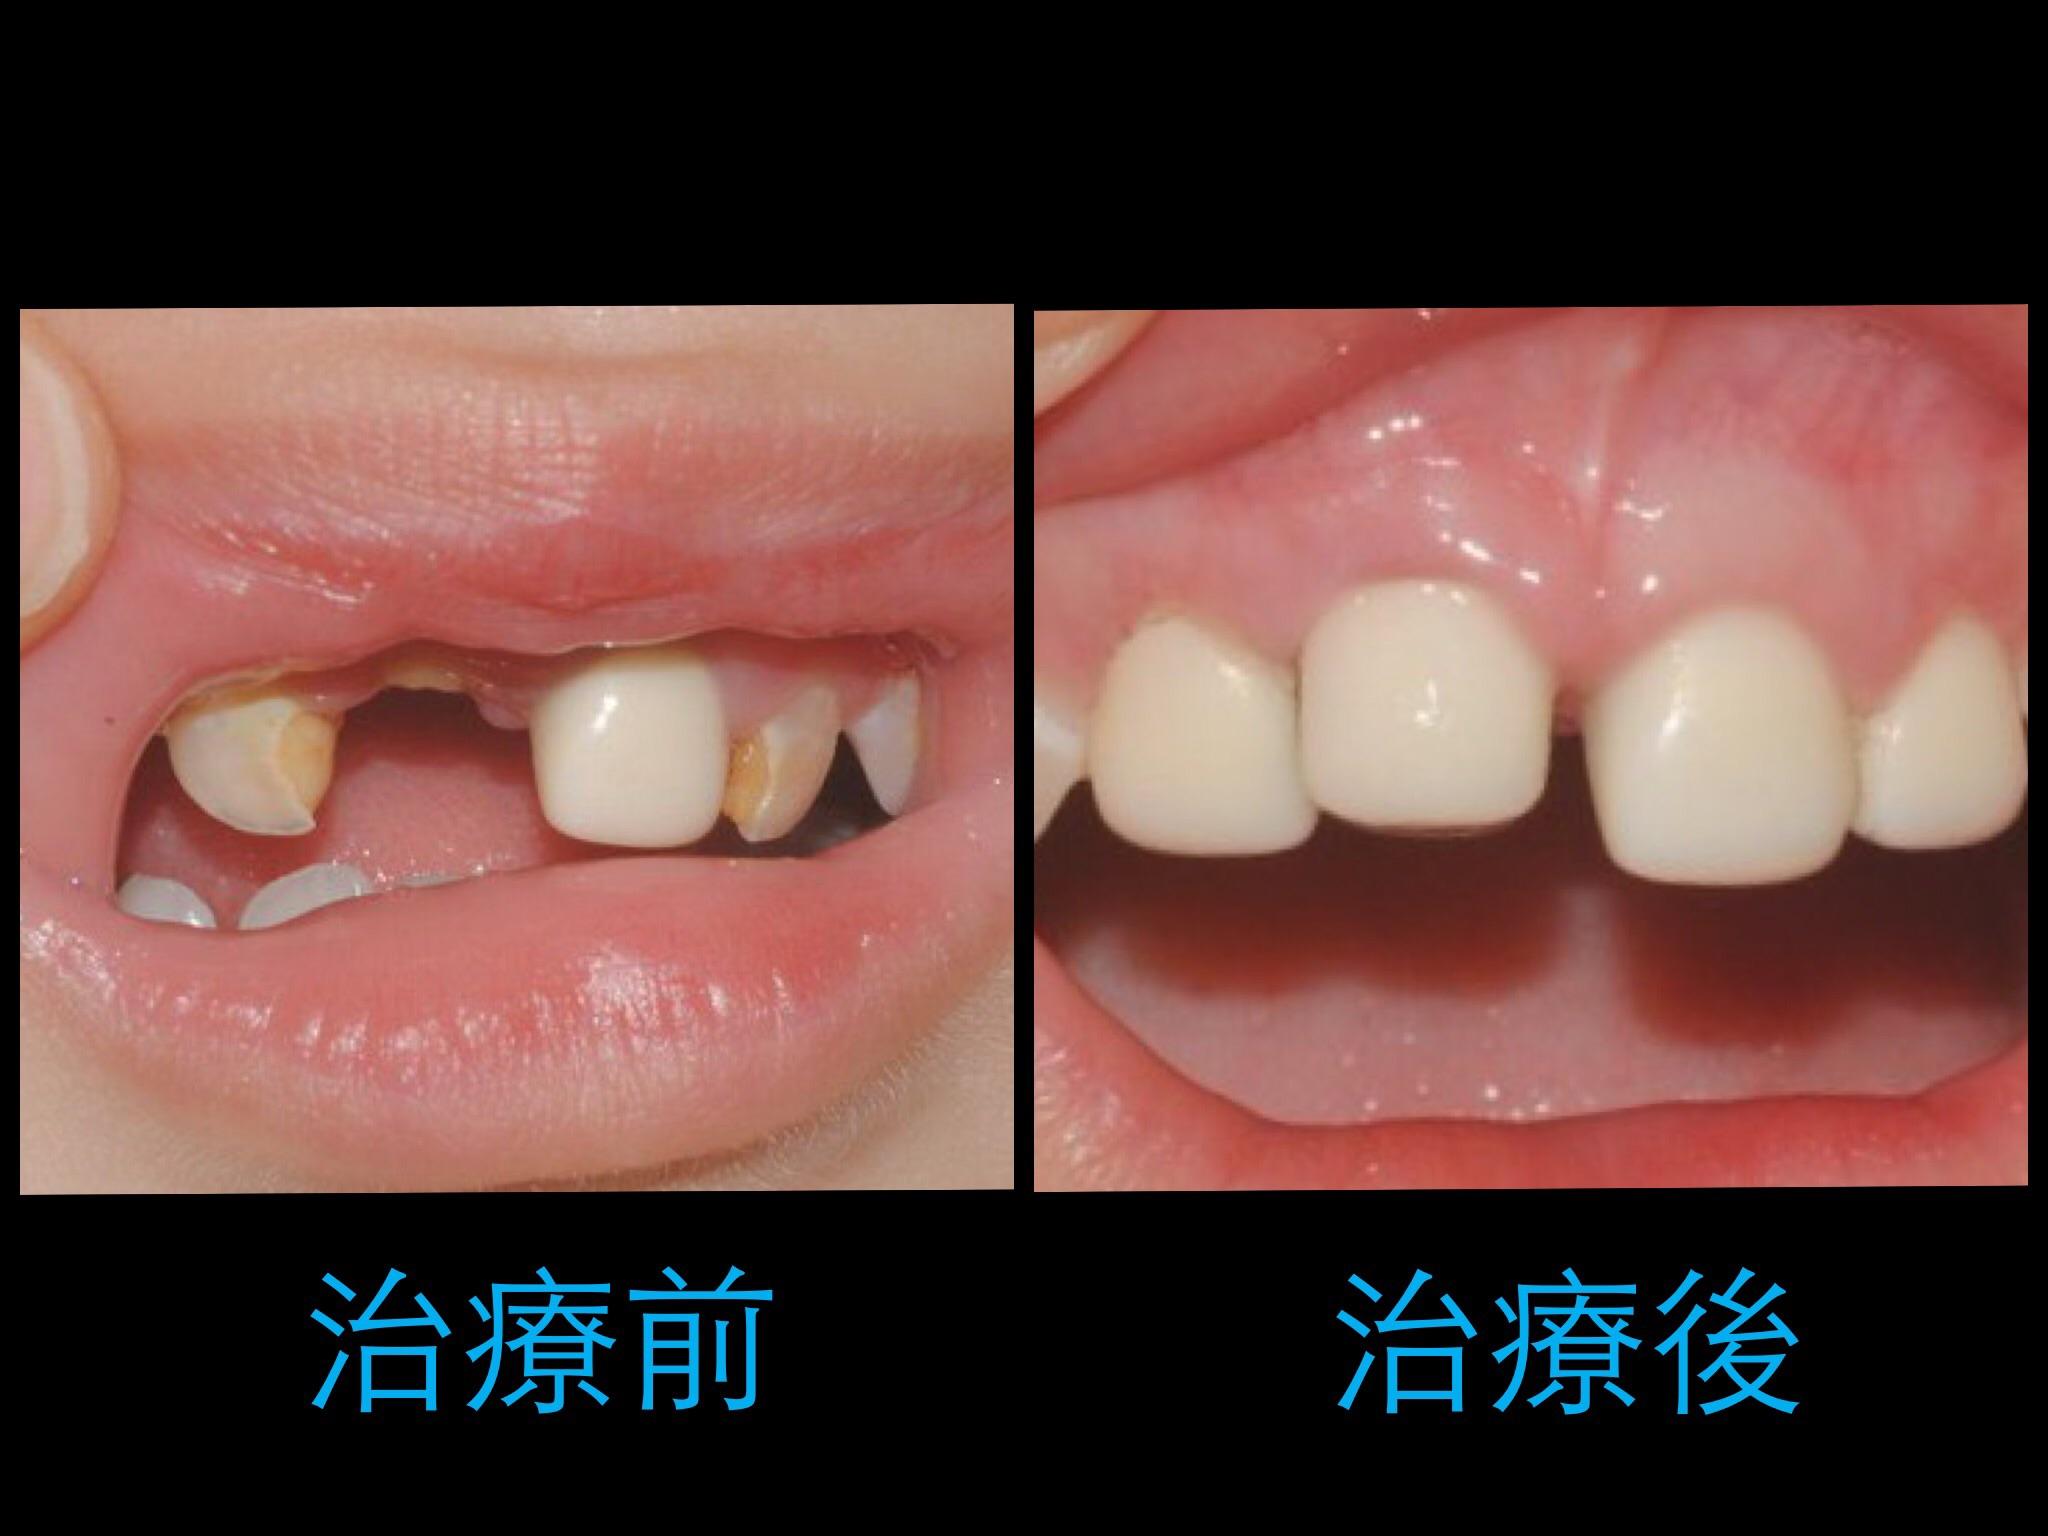 小太陽牙醫診所 - Page 6 of 16 - 兒童牙科 / 齒顎矯正 / 隱形矯正/ ............. 地址:臺北市大安區麗水街6-1號3F ...